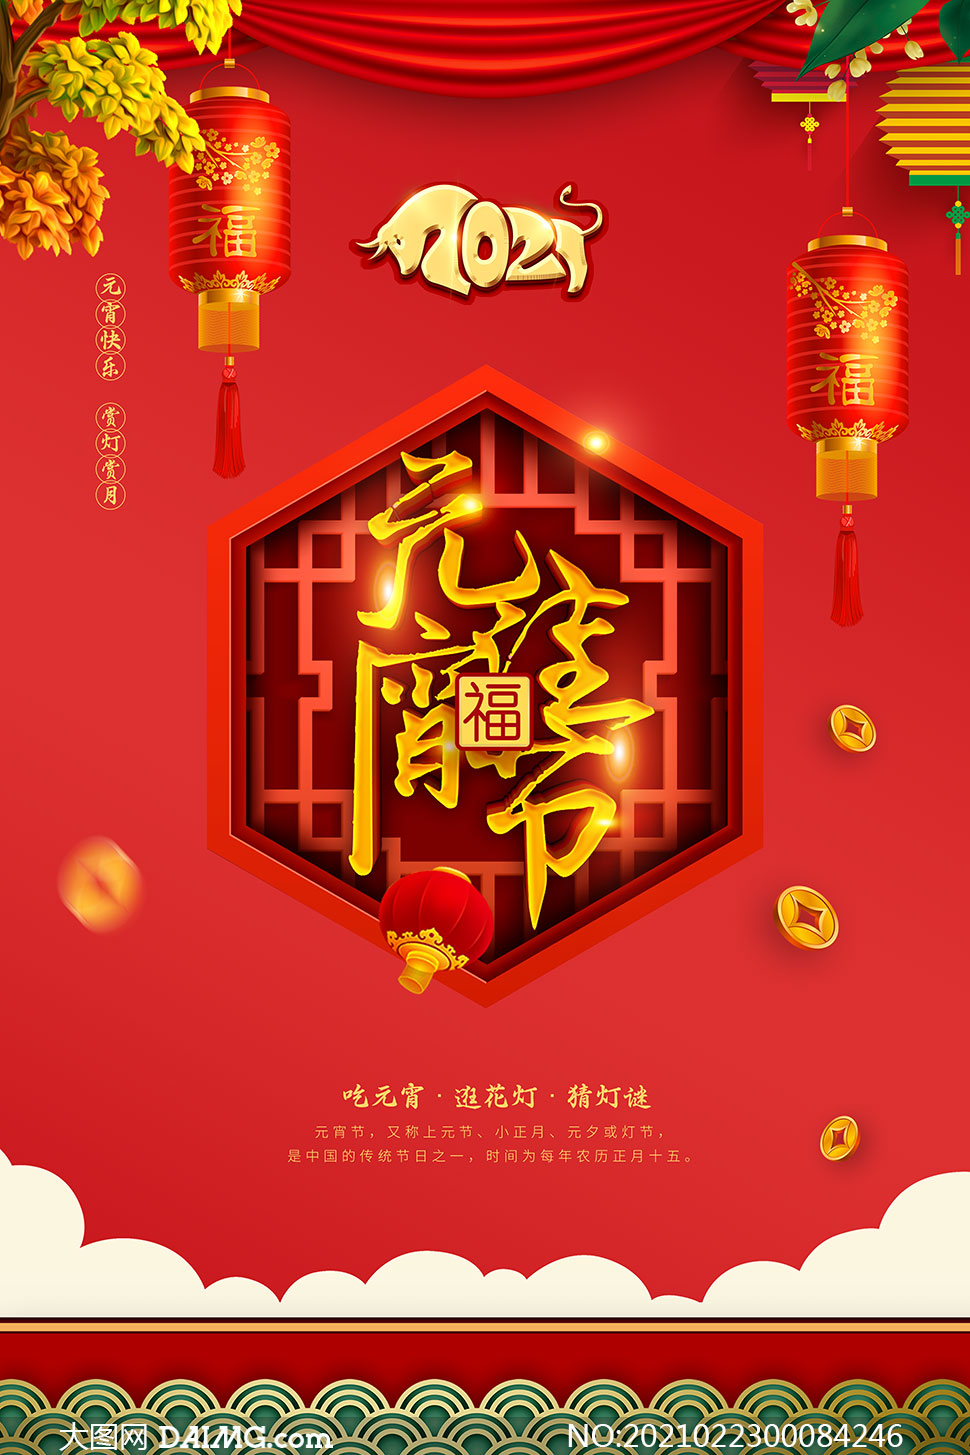 2021元宵佳节逛灯会宣传海报PSD素材